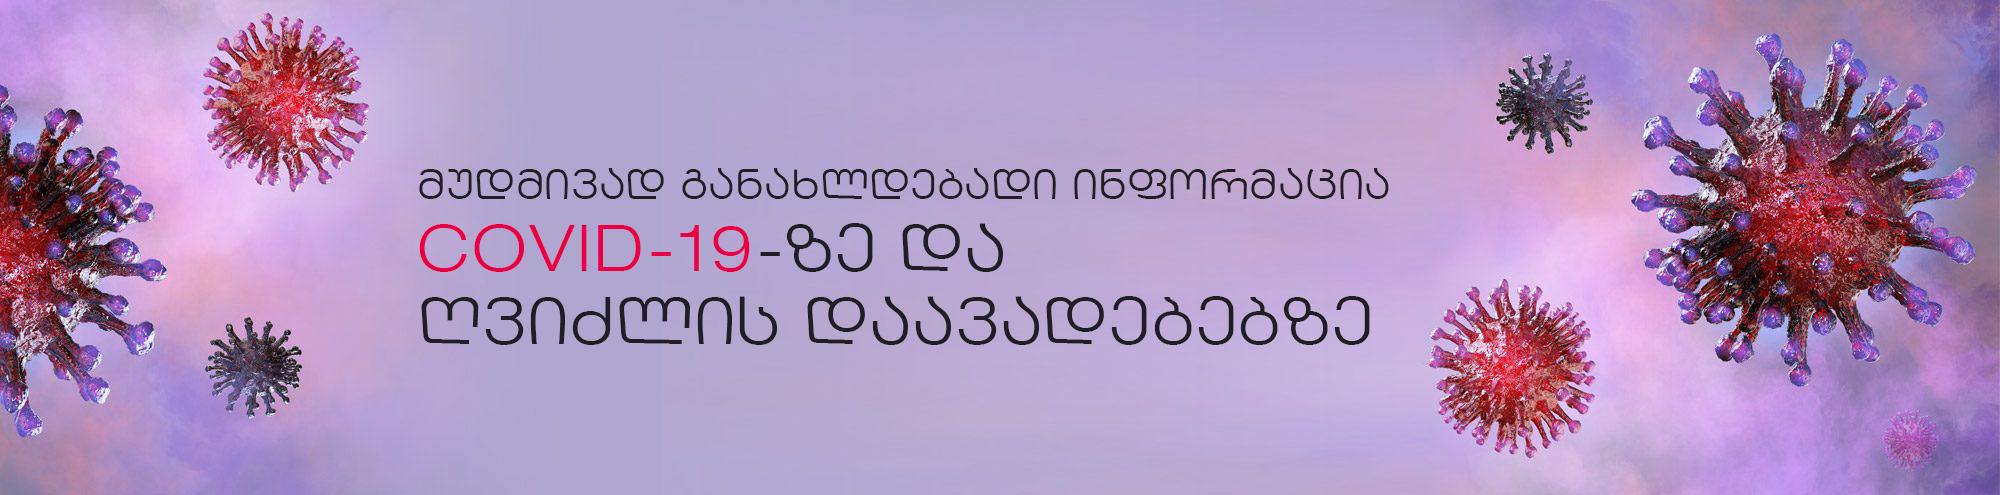 covid-19-homepage-banner-e1585152774349